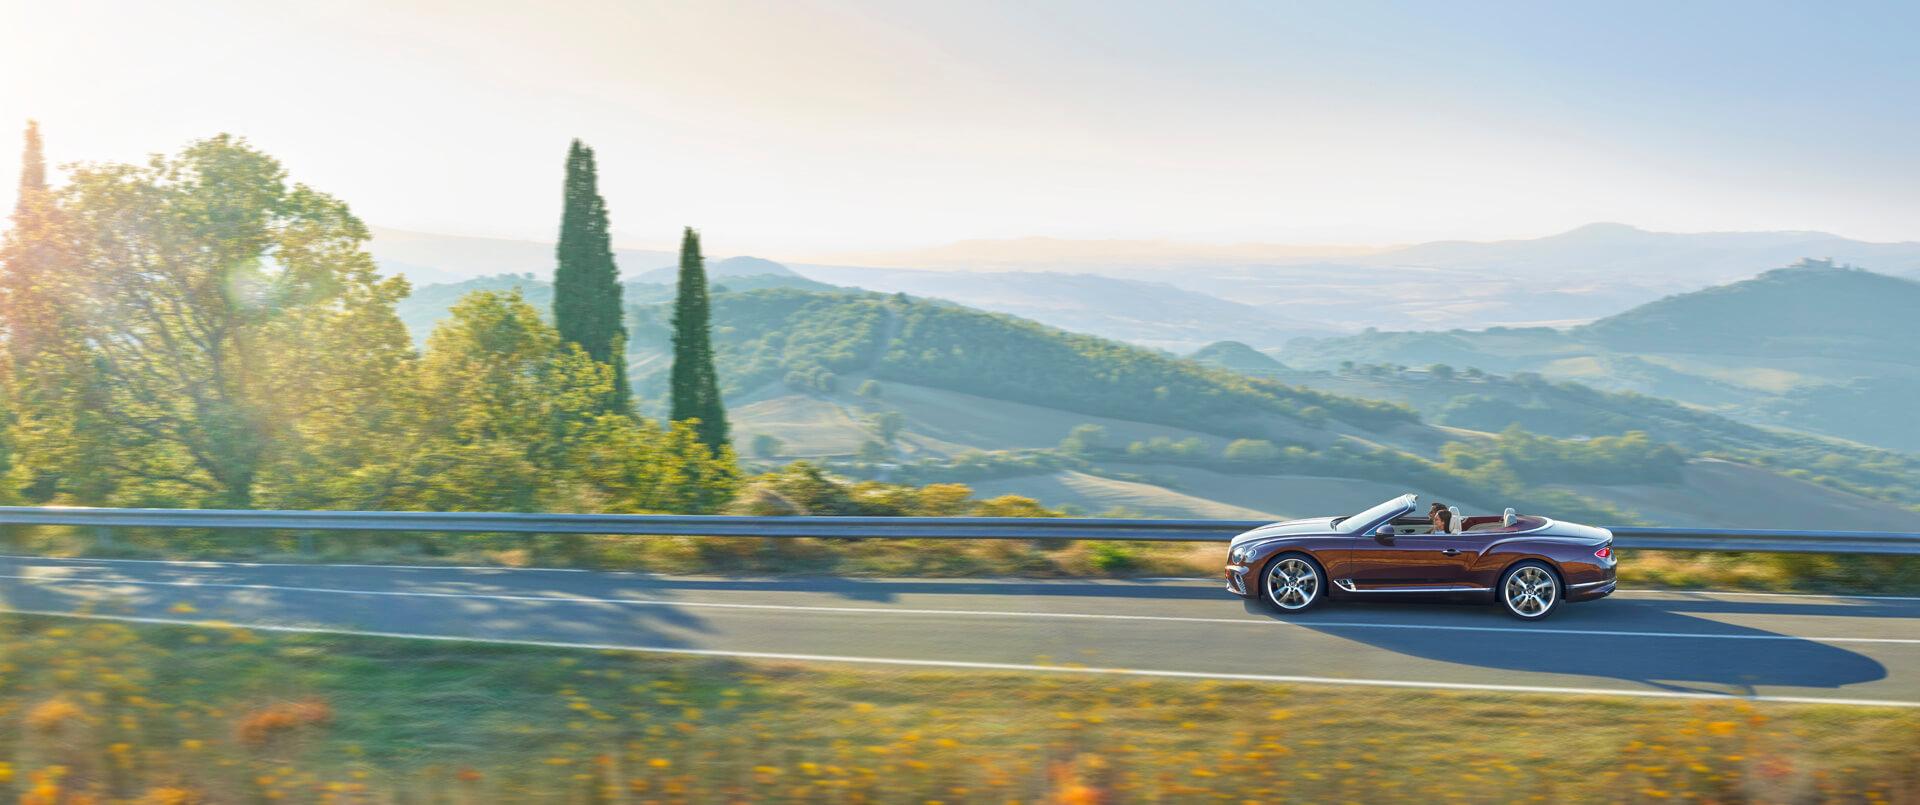 The Bentley Continental Gt Convertible Bentley Motors